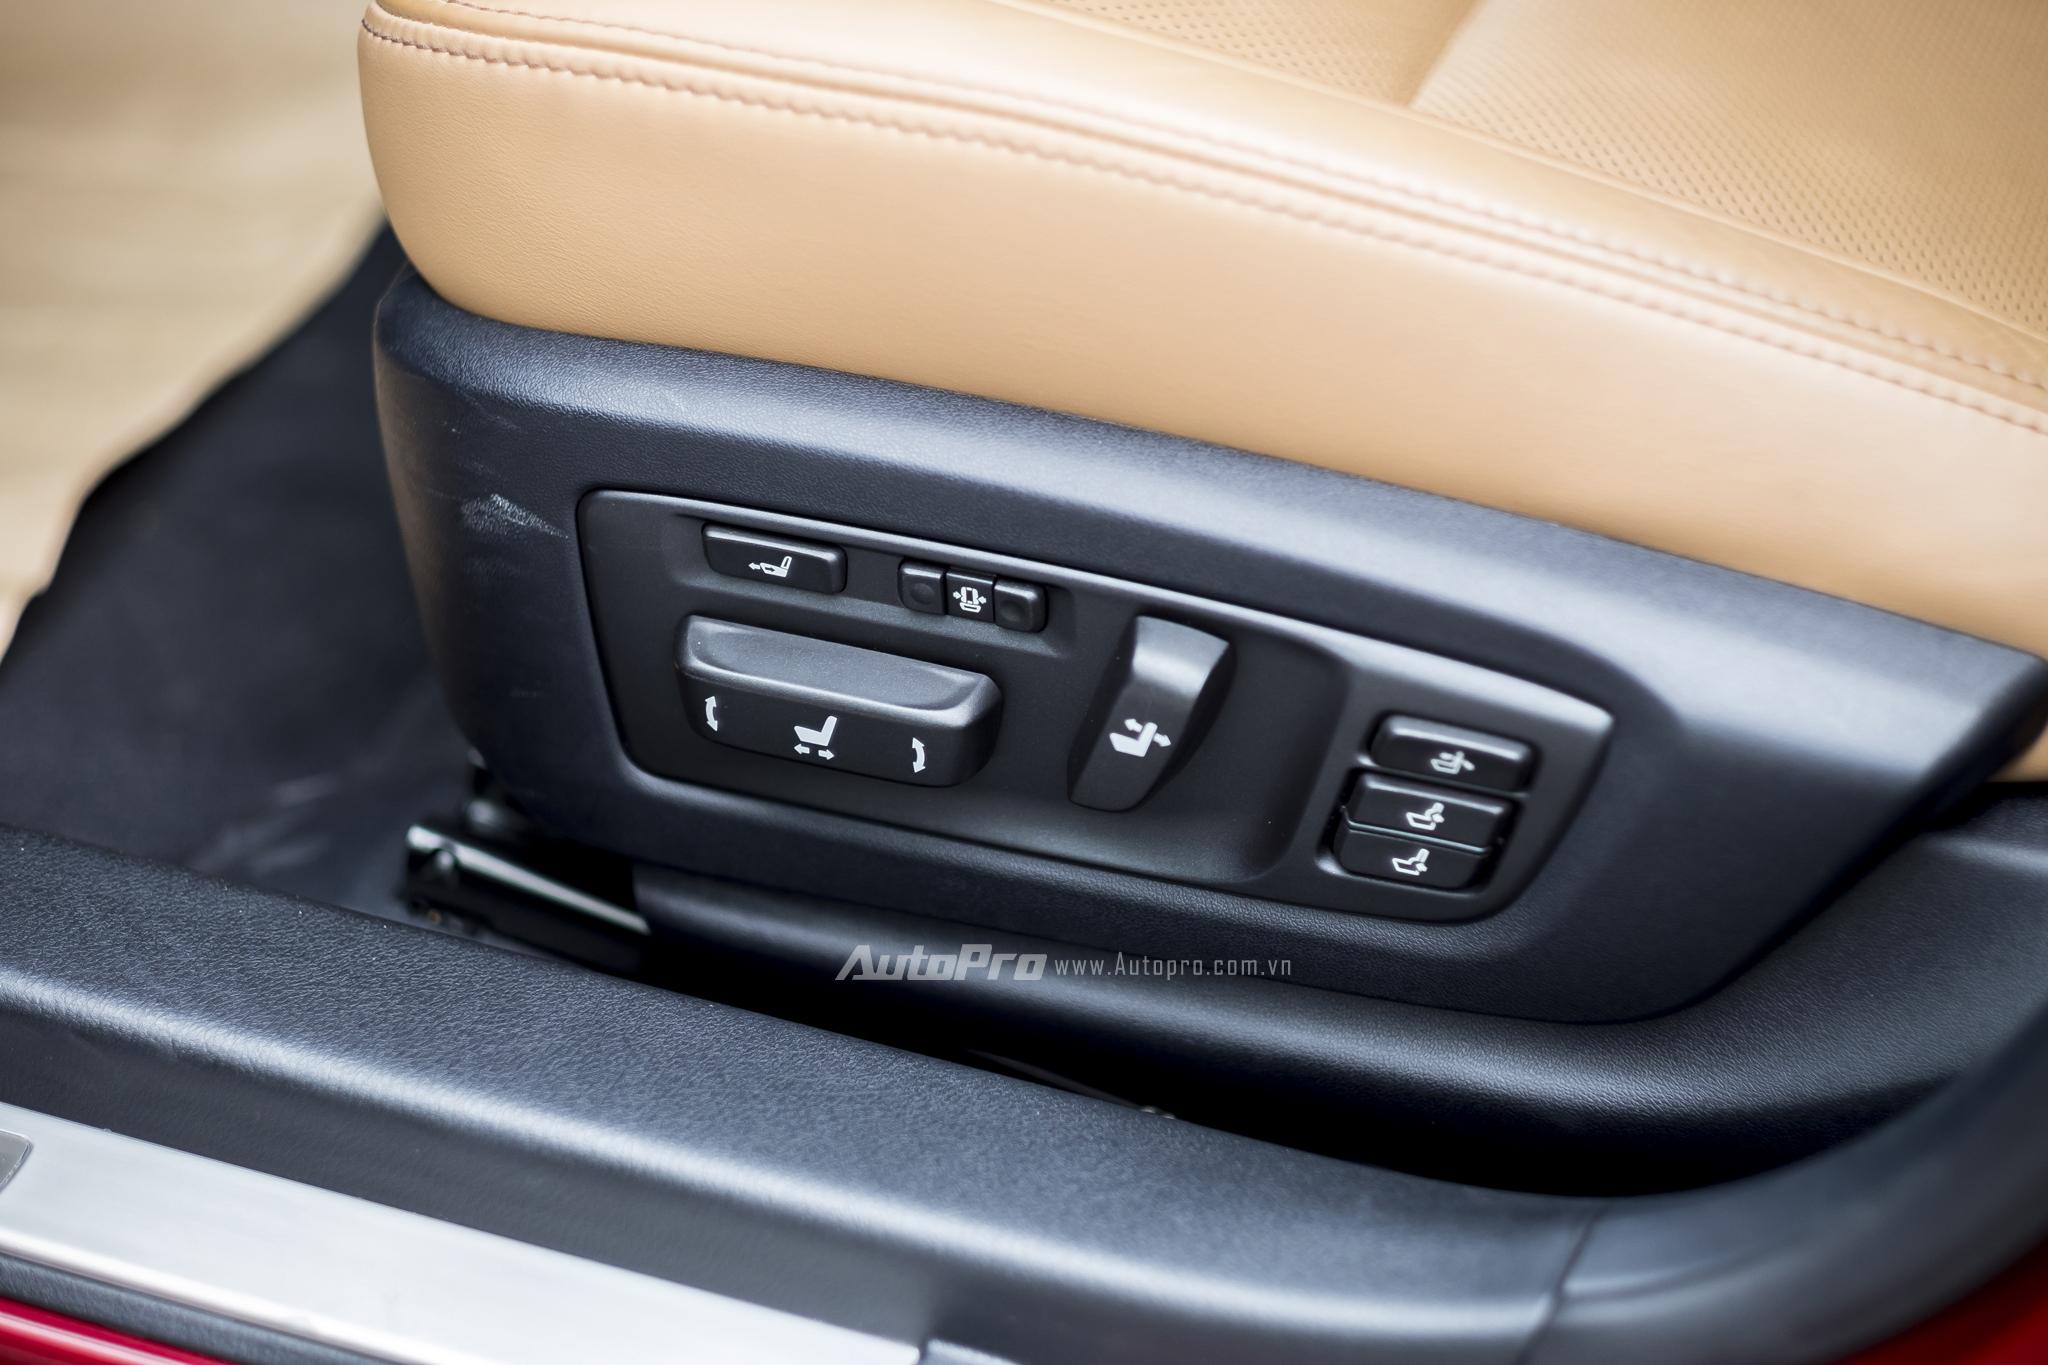 Hàng ghế trước có khả năng điều chỉnh điện 18 hướng cùng hệ thống sưởi và mát-xa được trang bị ở cả 2 hàng ghế.